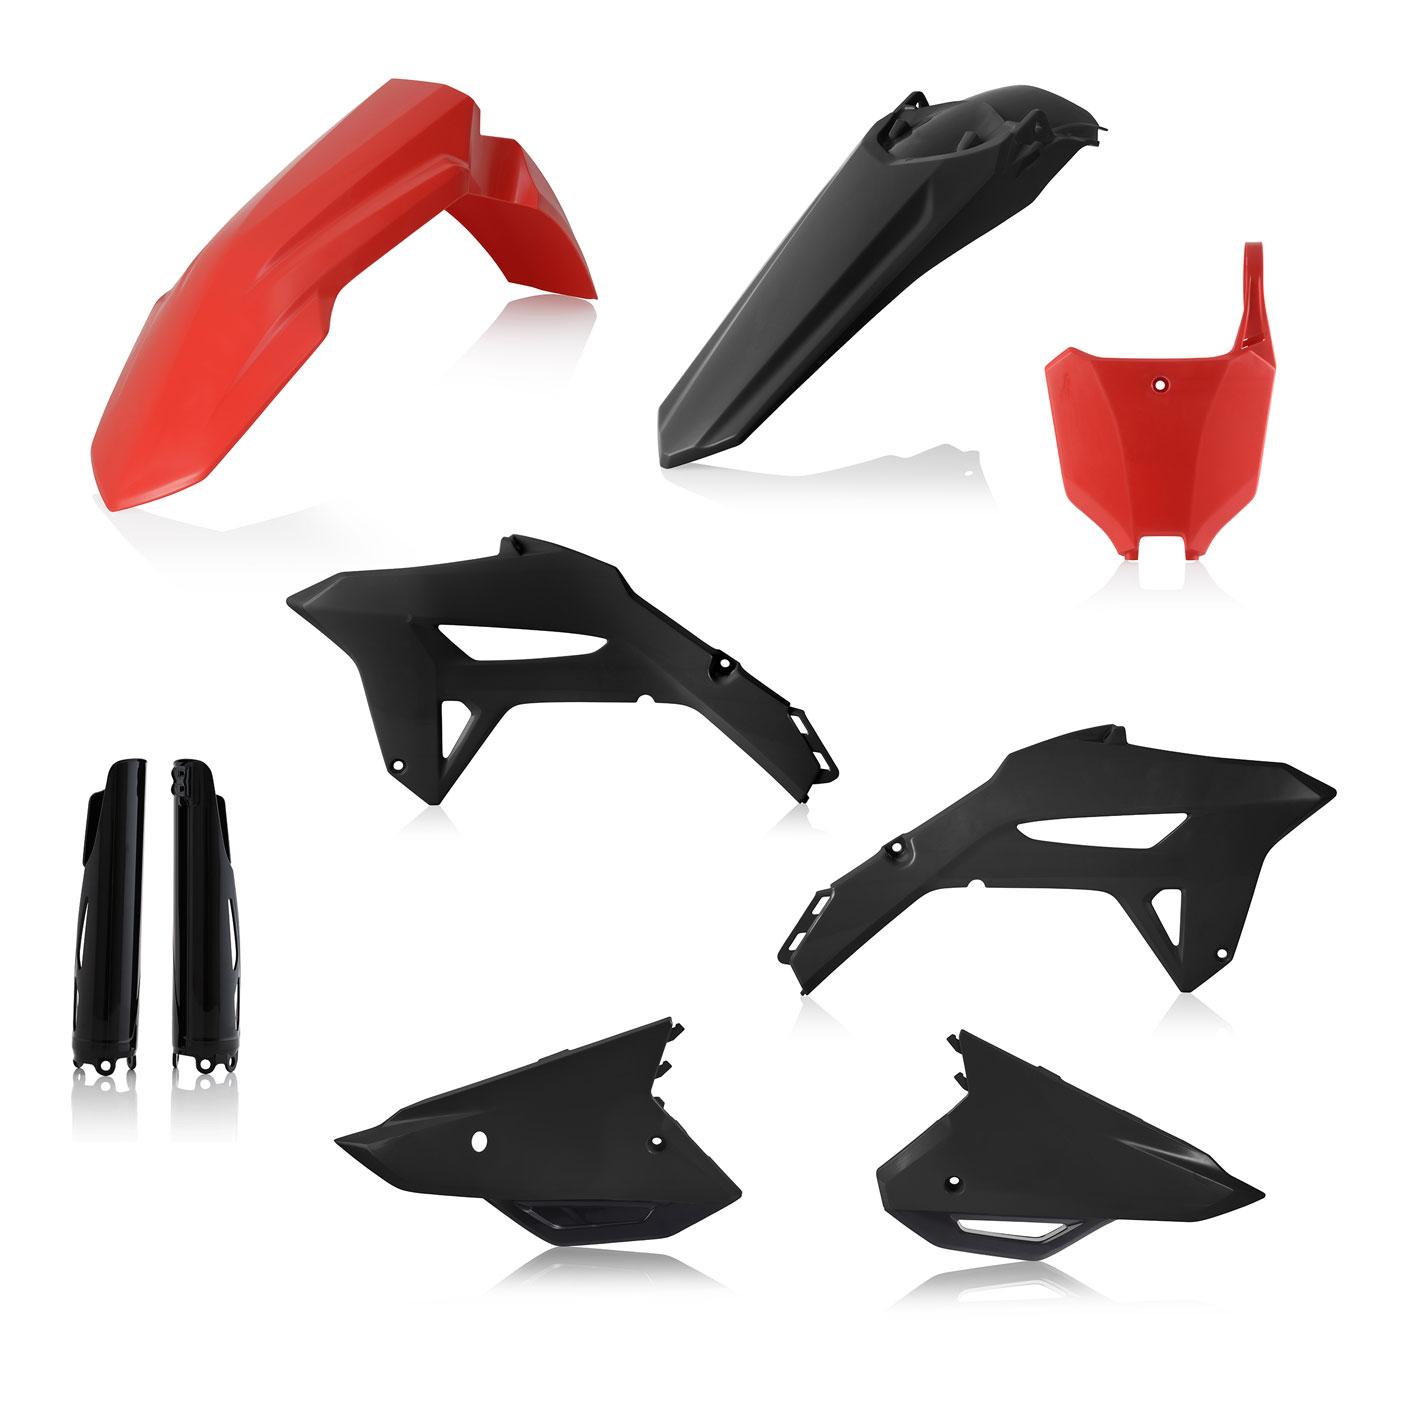 Plastikteile für deine Honda CRF in schwarz-rot, bestehend aus Frontkotflügel, Heckkotflügel, Tankspoiler, Gabelschoner und Nummerntafeln